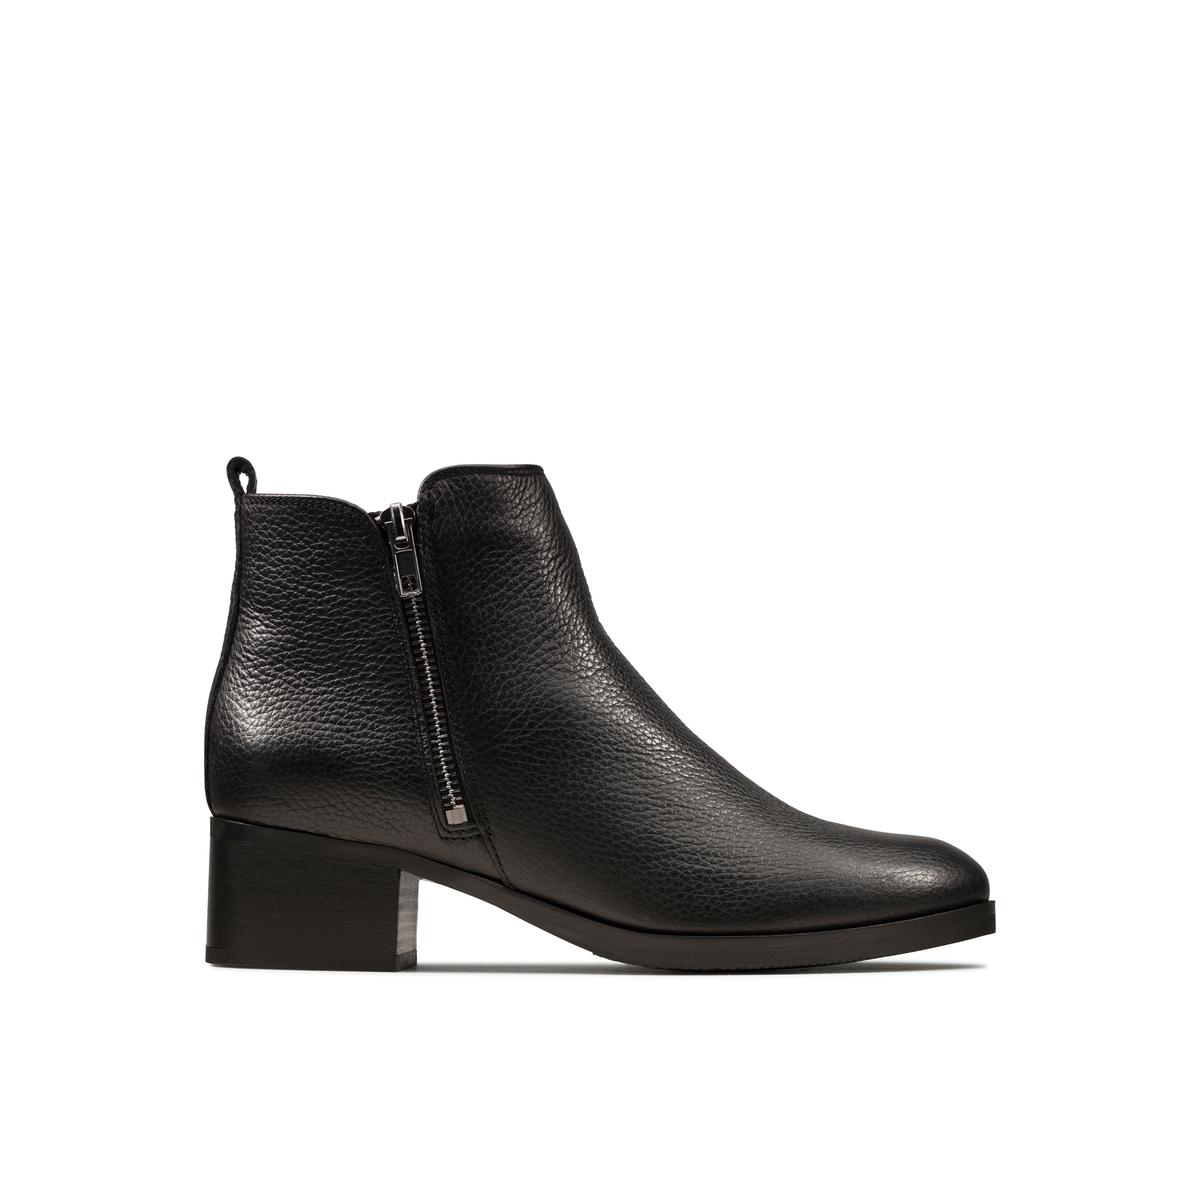 Ботинки La Redoute Кожаные на каблуке Mila Sky 41 черный lanvin кожаные туфли mila